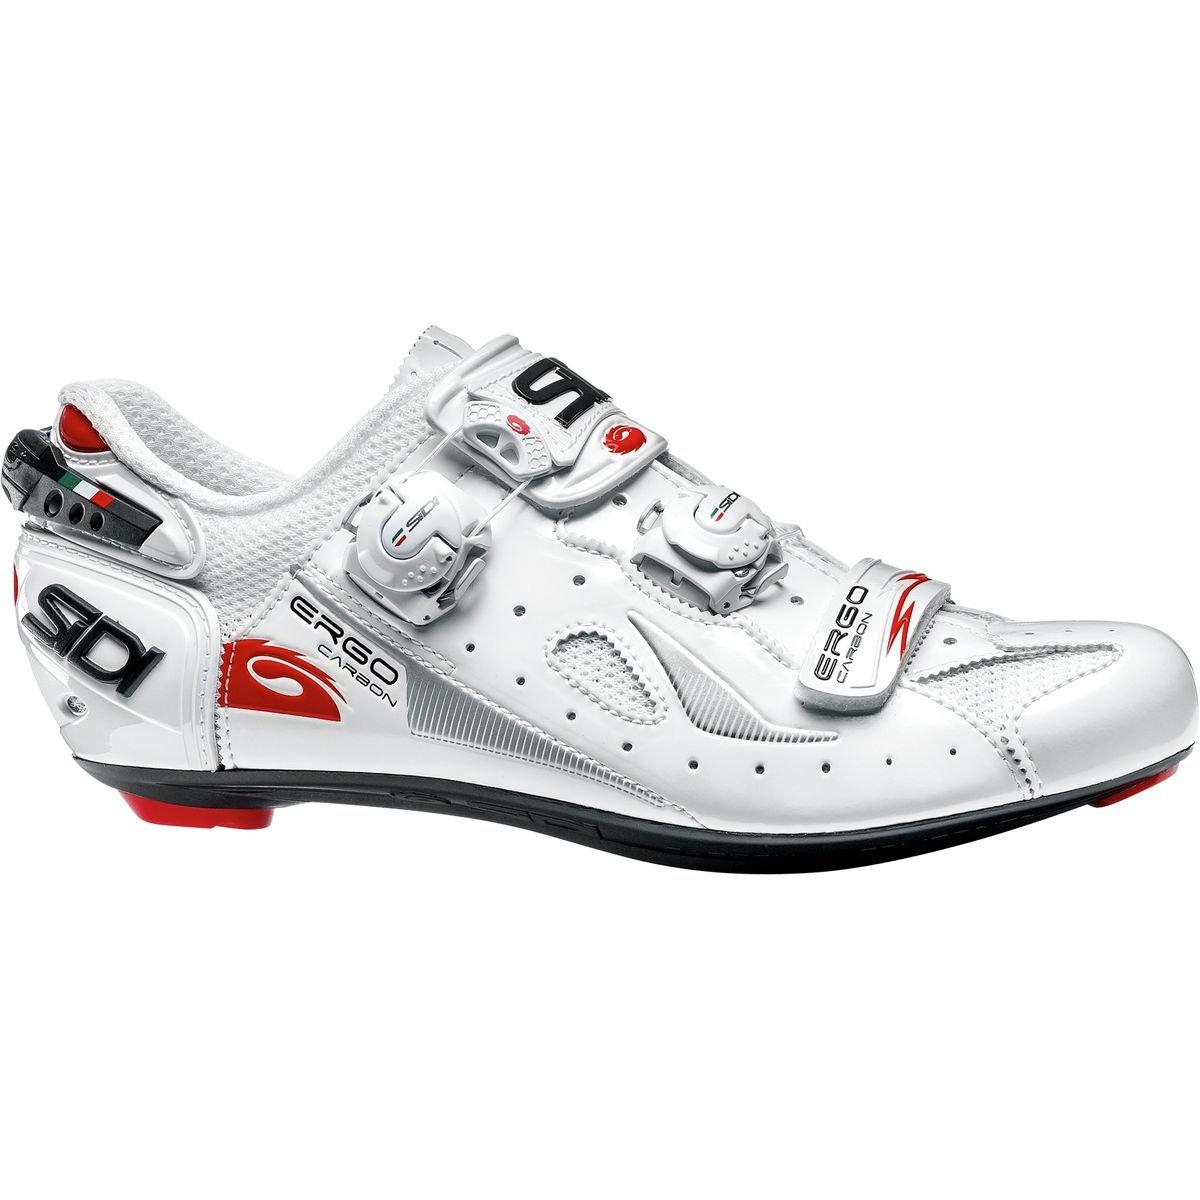 【史上最も激安】 (シディ) Sidi Ergo 4 Carbon Carbon (45) Cycling Shoe メンズ Sidi ロードバイクシューズWhite [並行輸入品] 日本サイズ 29cm (45) White B07G75RBF4, journal standard Furniture:e8b9d1fc --- by.specpricep.ru